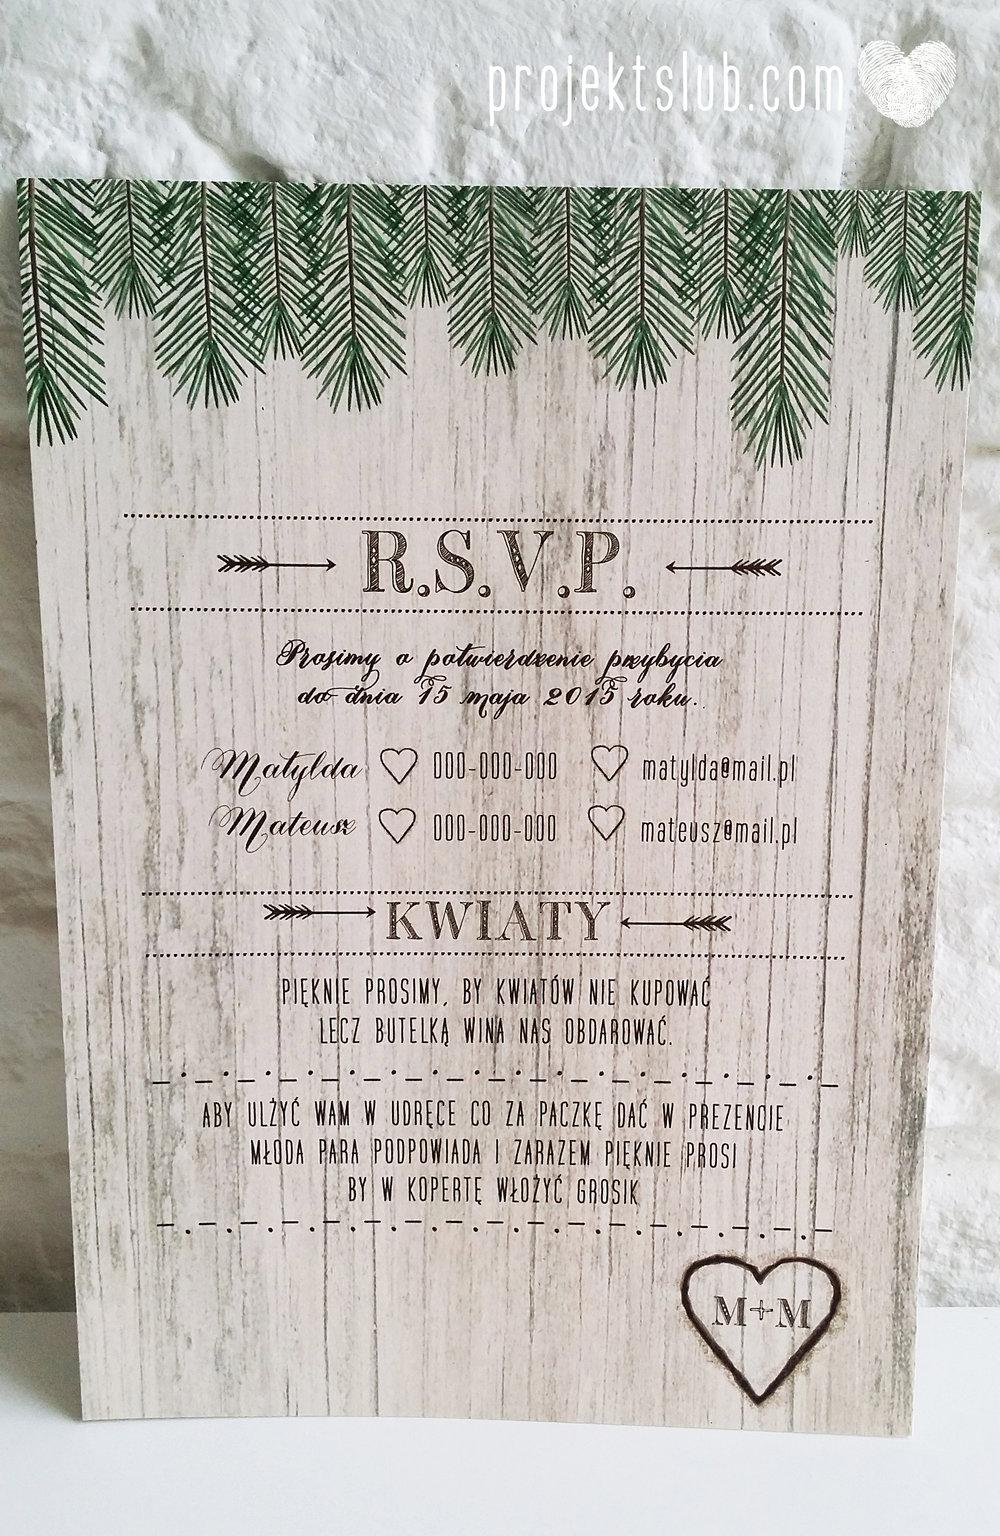 Zaproszenia ślubne Woodlove z motywem drewna iglaków świerku lasku rustykalne leśne eko Projekt Ślub (4).jpg